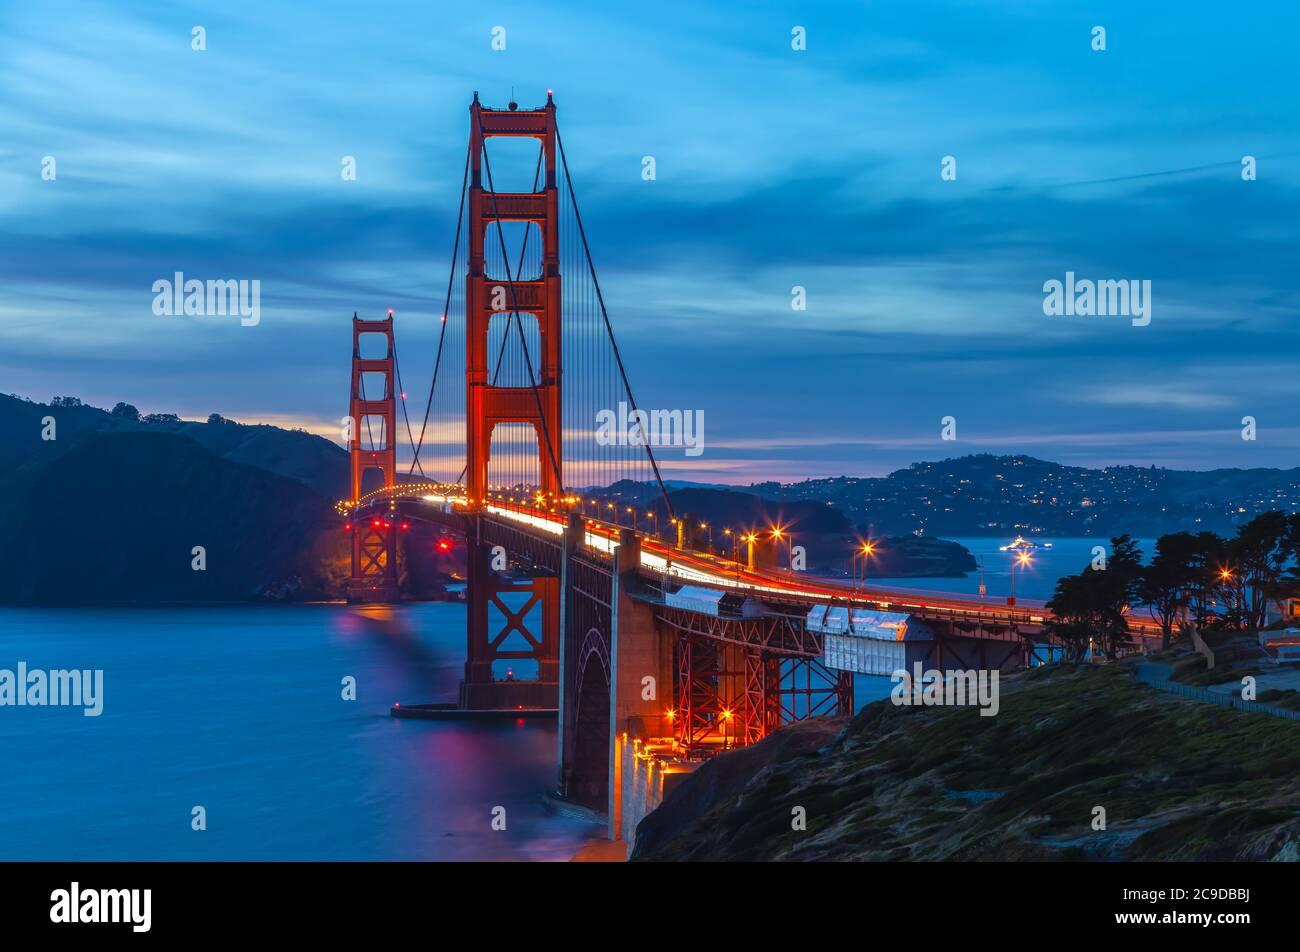 El puente Golden Gate, San Francisco, California, EE.UU., durante la noche. Foto de stock